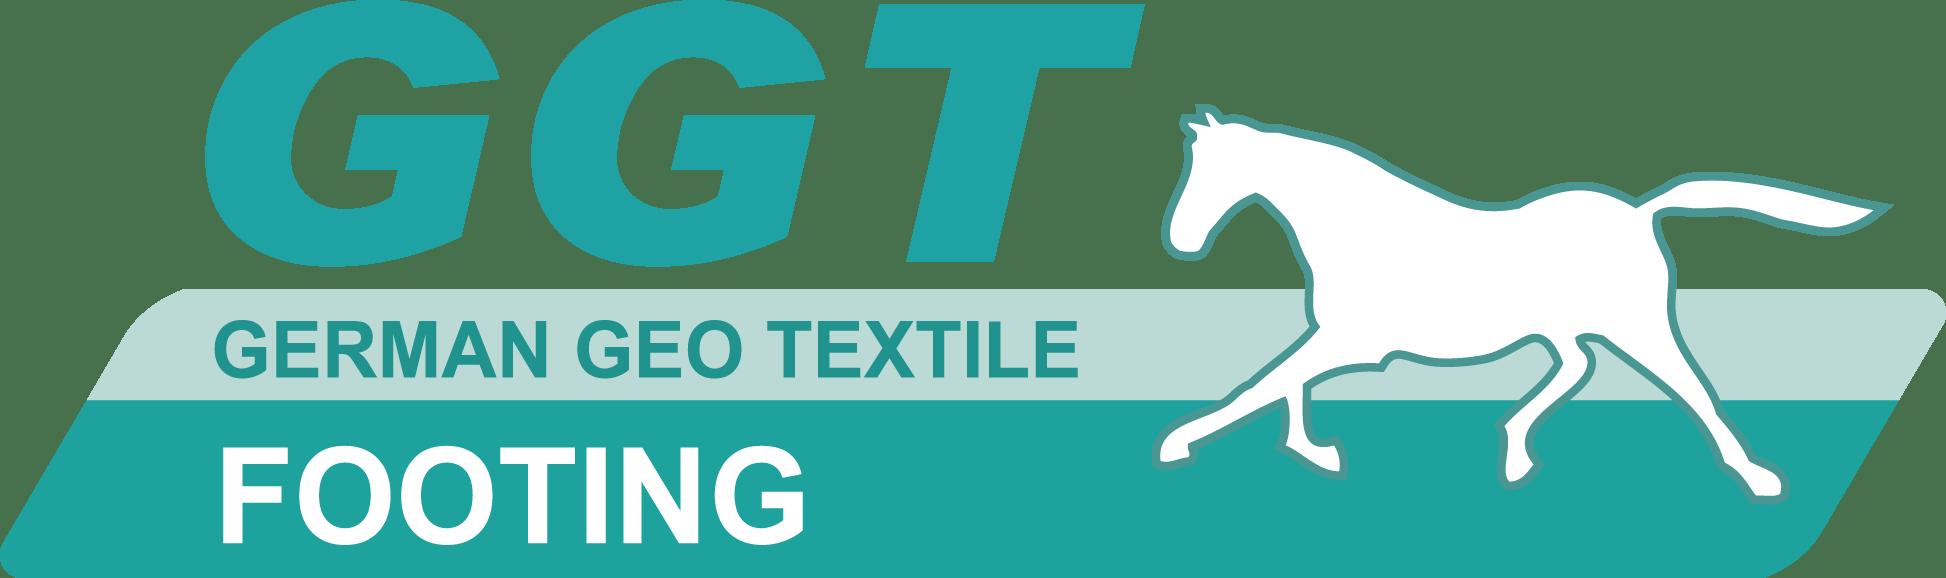 GGT - German Geo Textile Footing